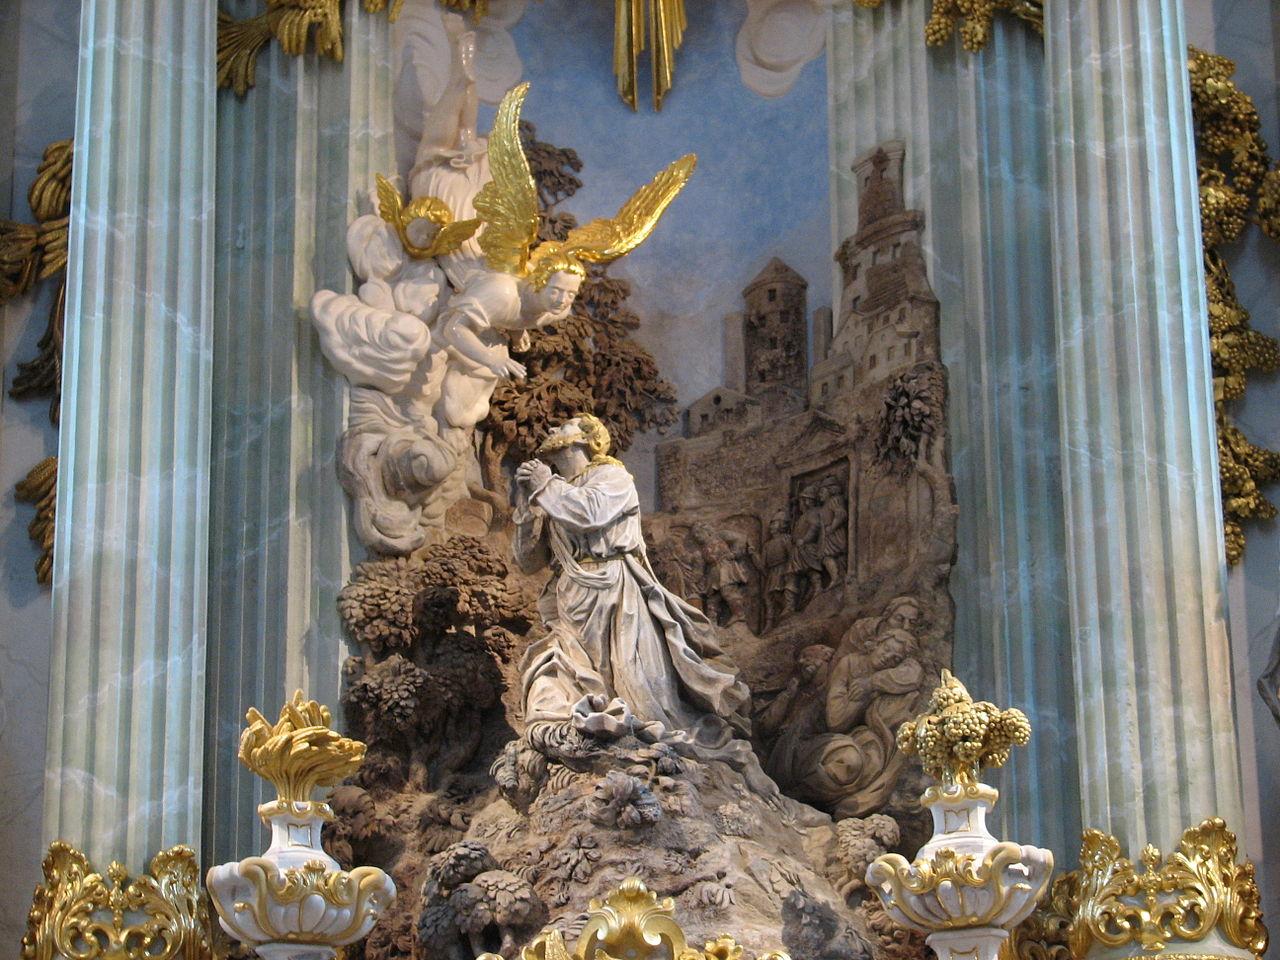 Церковь Фрауэнкирхе, деталь интерьера